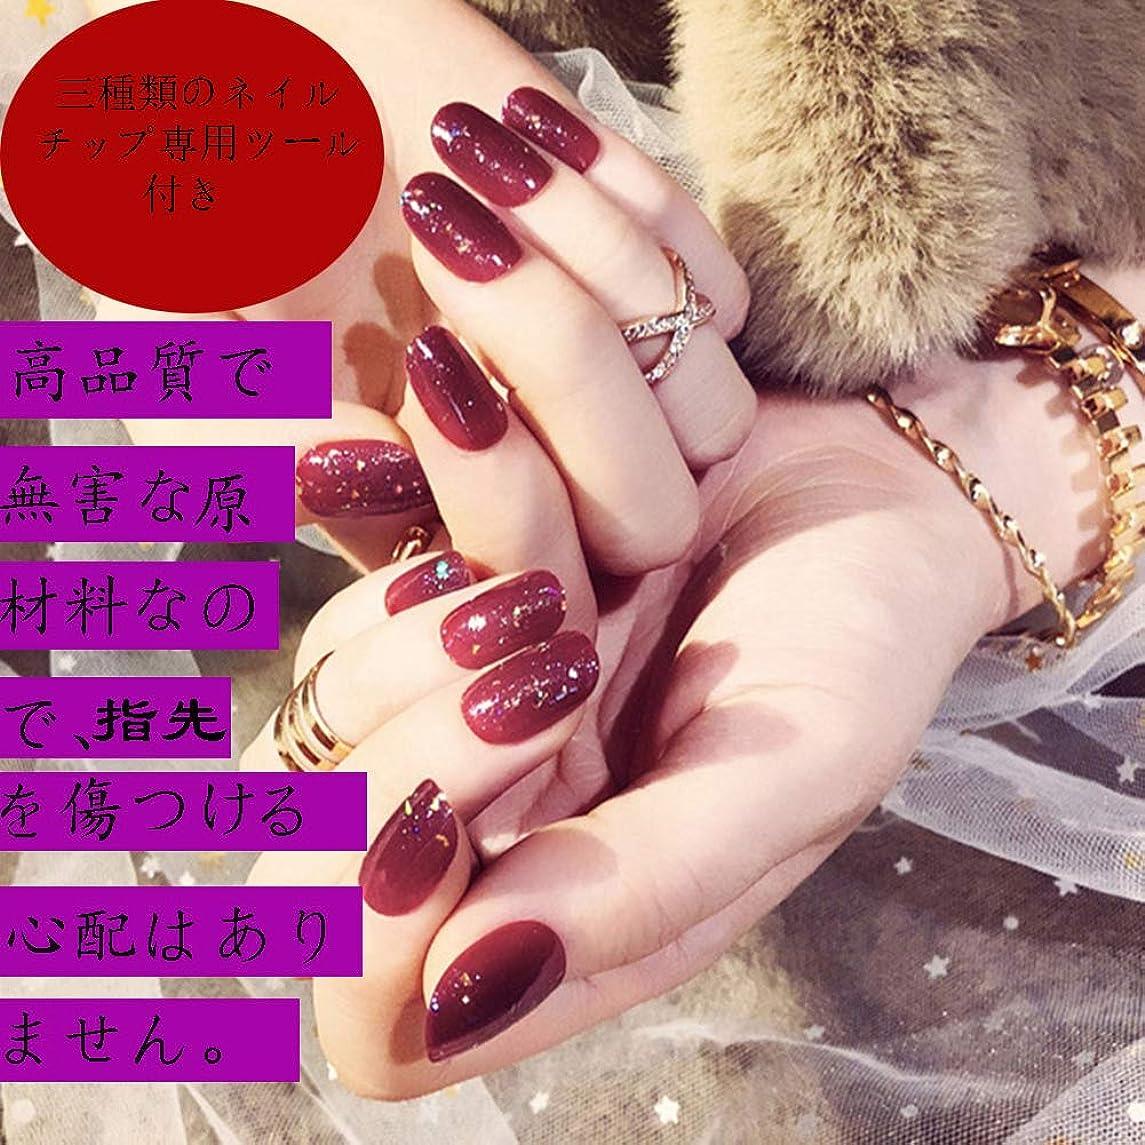 アルコール記者頭痛HuangHM小悪魔系キレイ魅せネイルチップ ライトセラピー人体に无害上品 ヌーディ グラマラスクール ネイルチップ つけ爪なかっこいい系 付け爪 簡単便利な付け爪 エレガント 和柄着物和装成人式にも